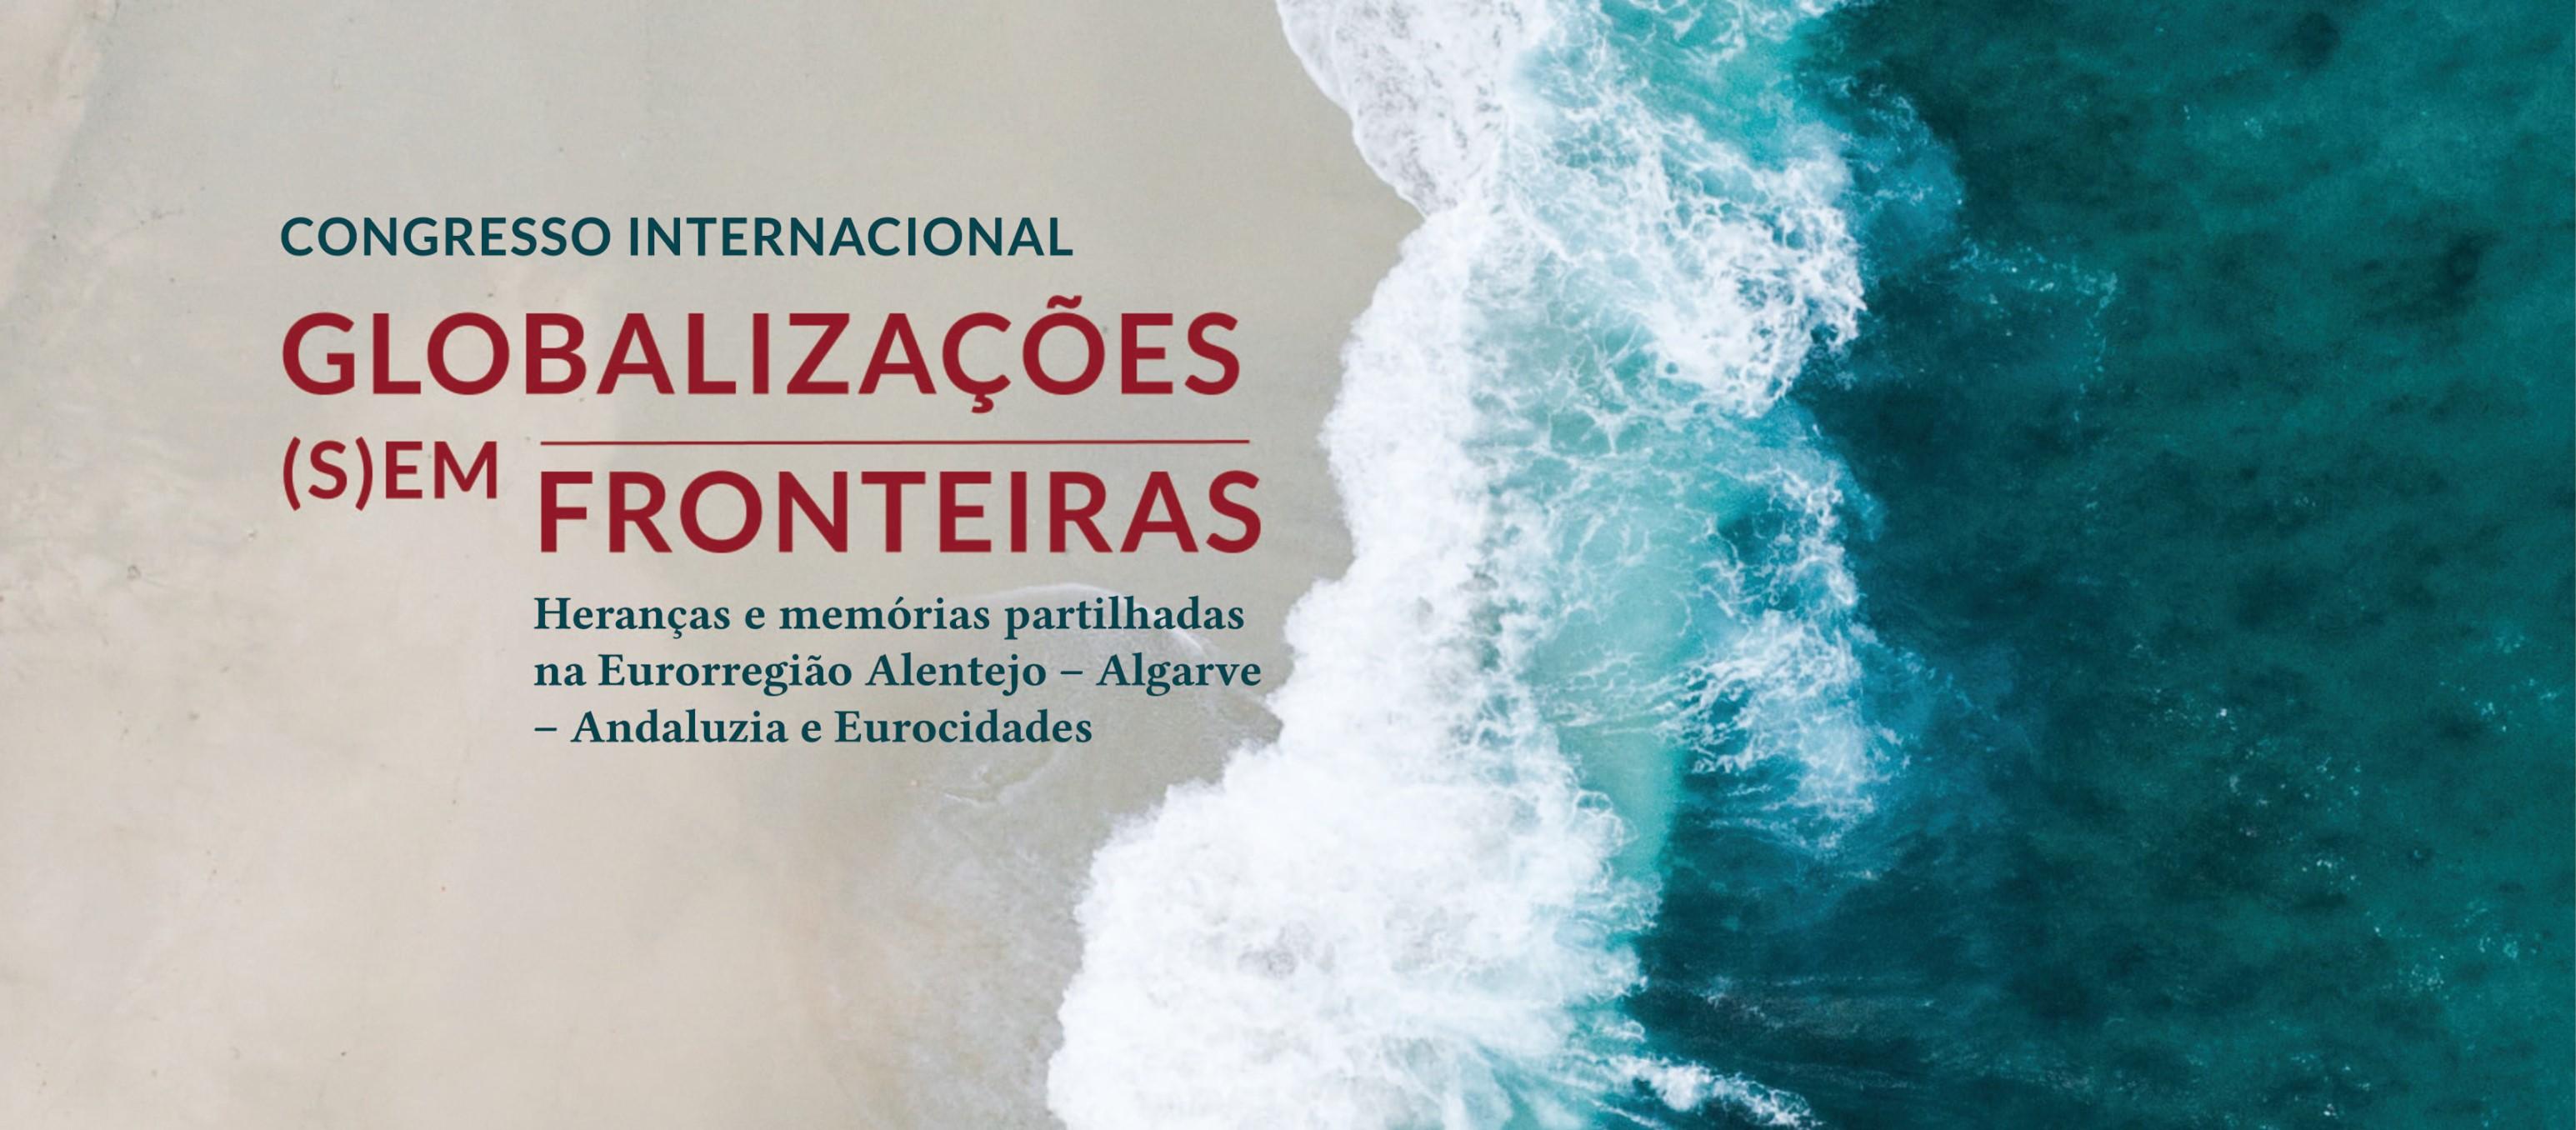 Congresso Globalizações sem fronteiras